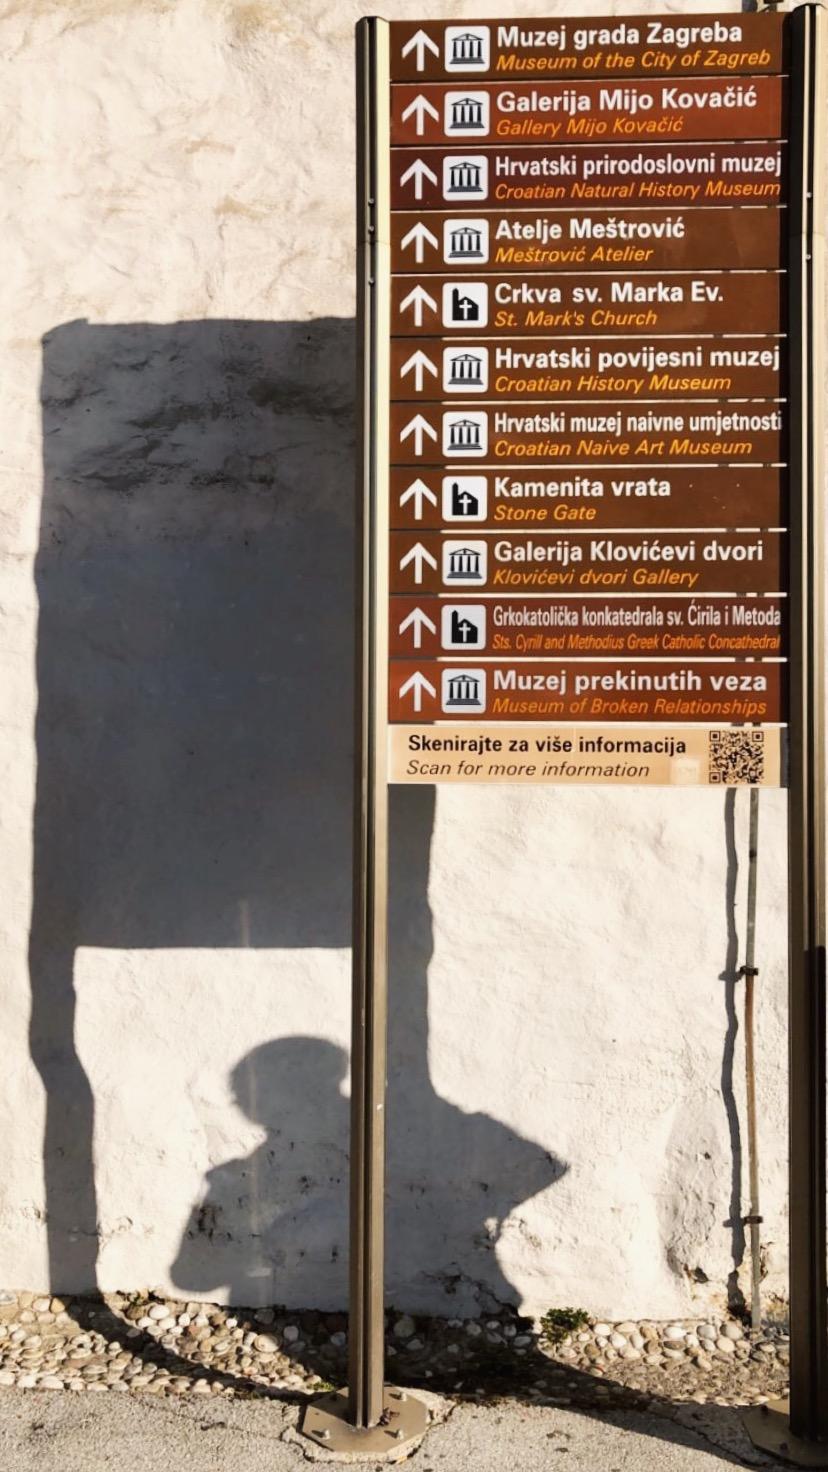 directions to museum of broken relationships